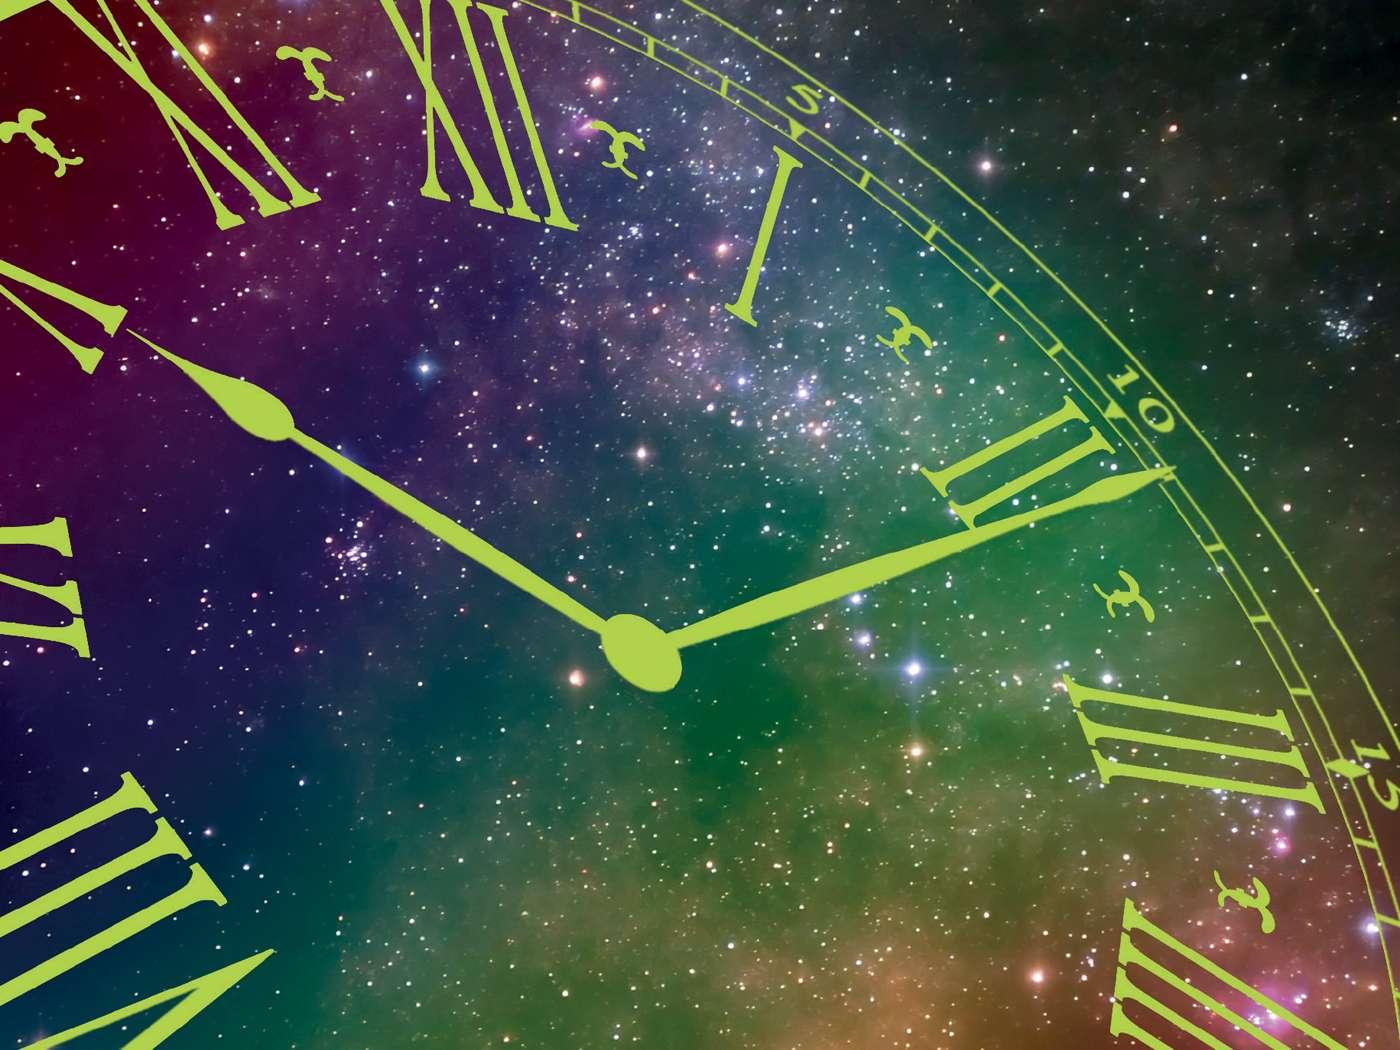 Dans La renaissance du temps, Lee Smolin passe en revue les différents statuts du temps au fil des théories cosmologiques. © Dunod